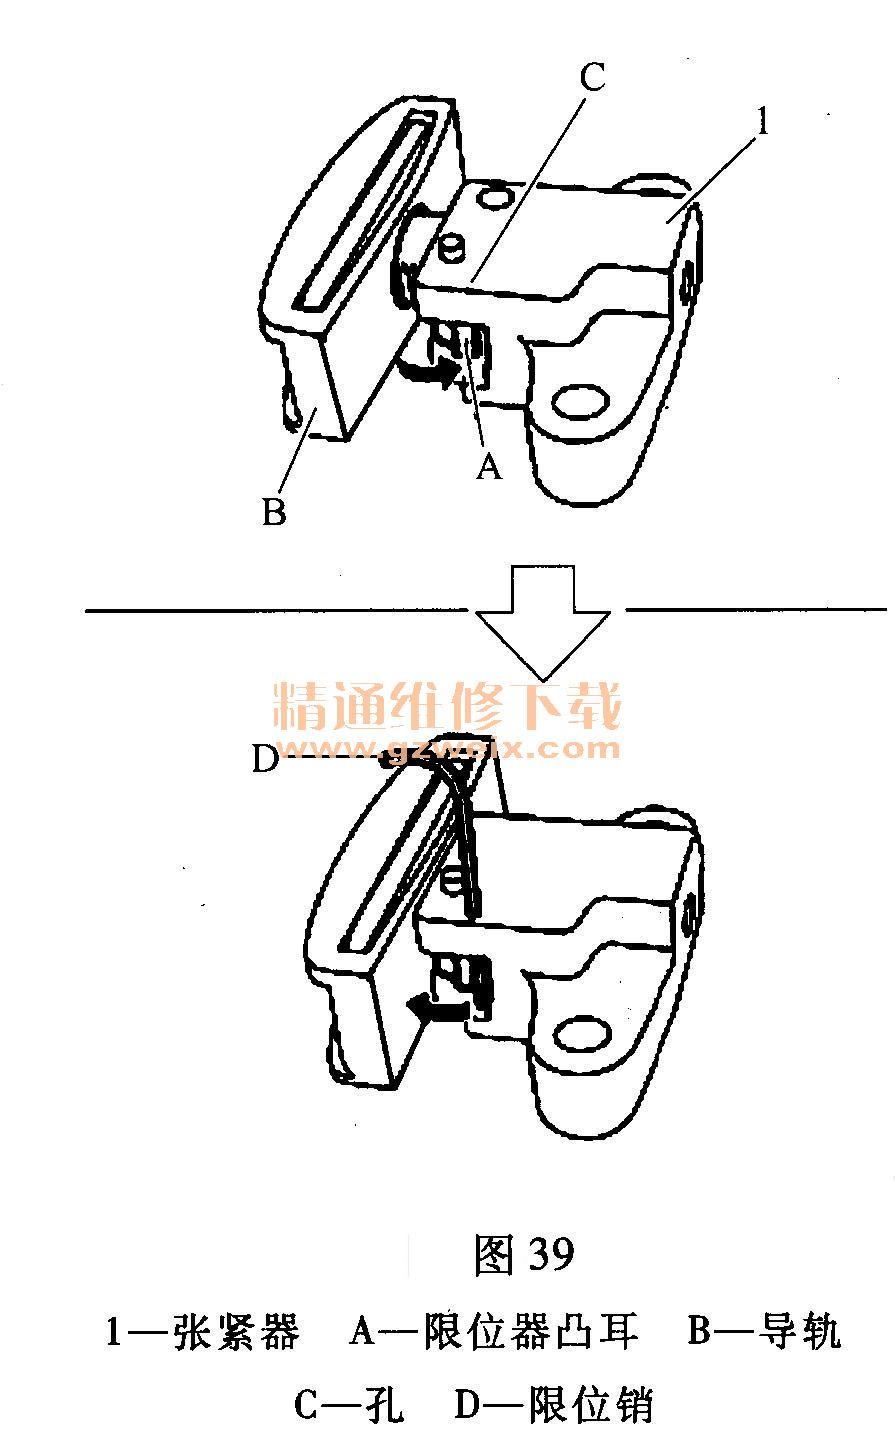 日产奇骏(2. 0l mr20de)发动机正时校对方法